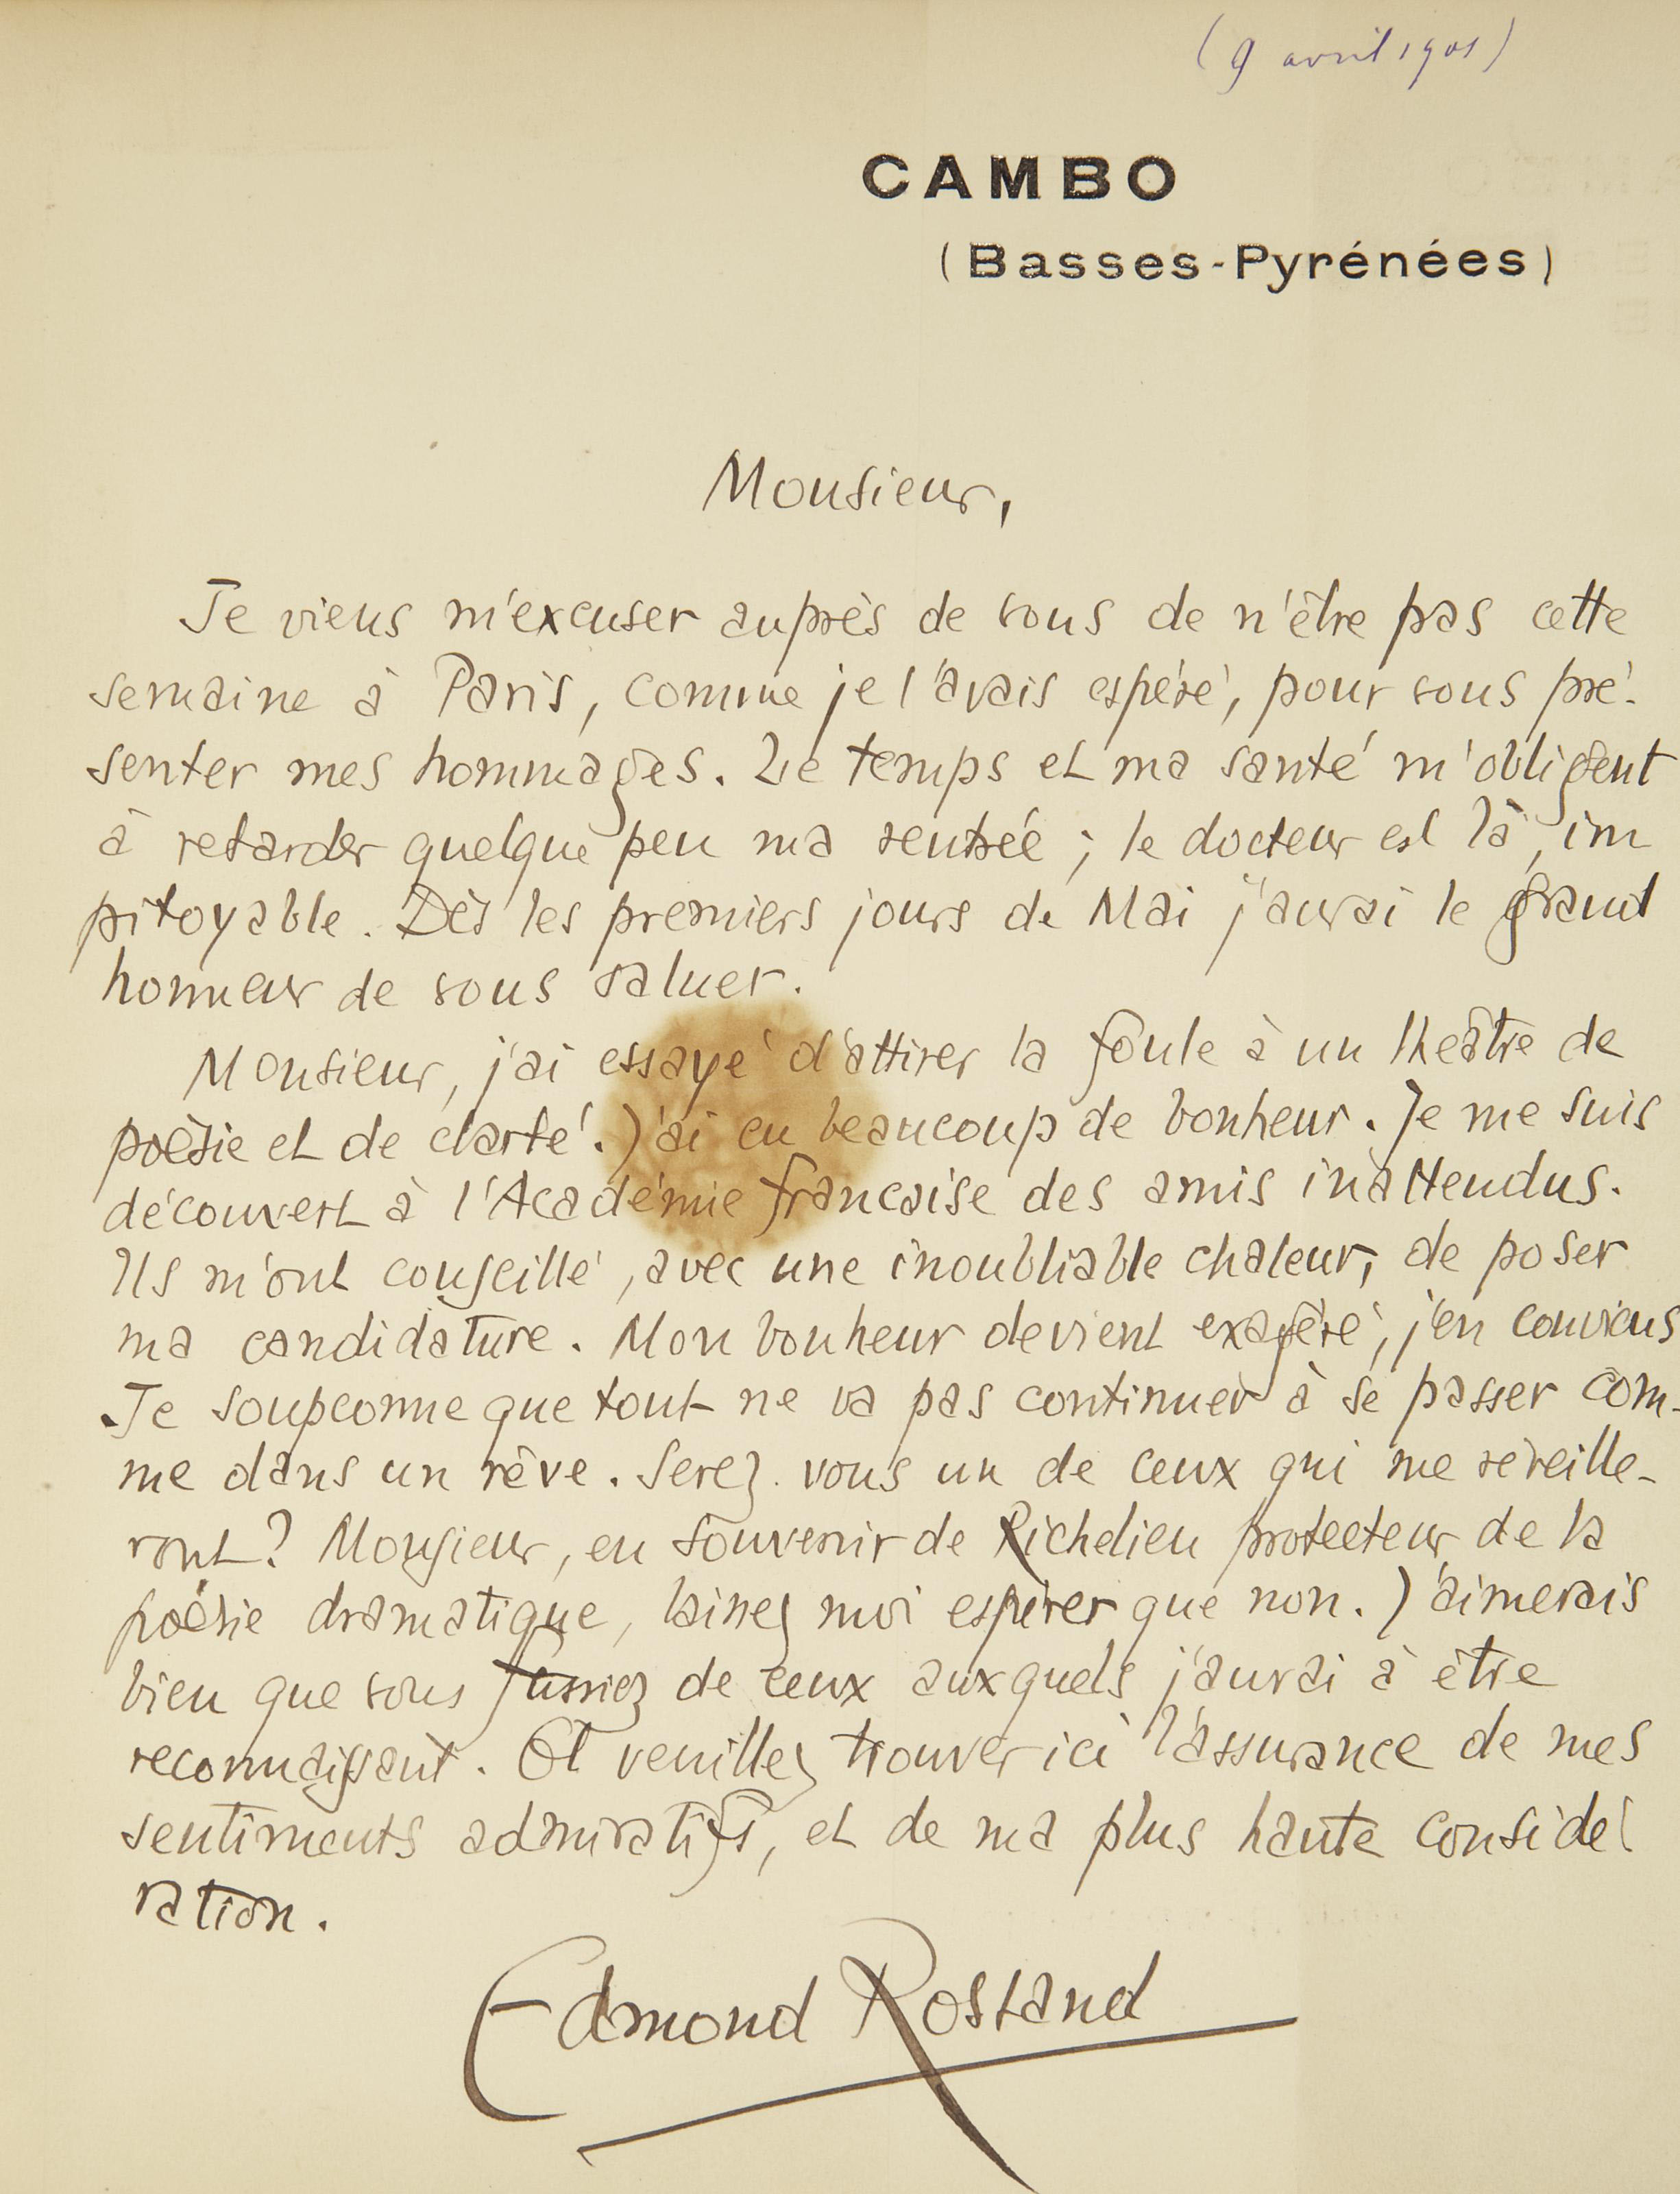 ROSTAND, Edmond (1868-1918). L'Aiglon. Paris: Charpentier et Fasquelle, 1900.